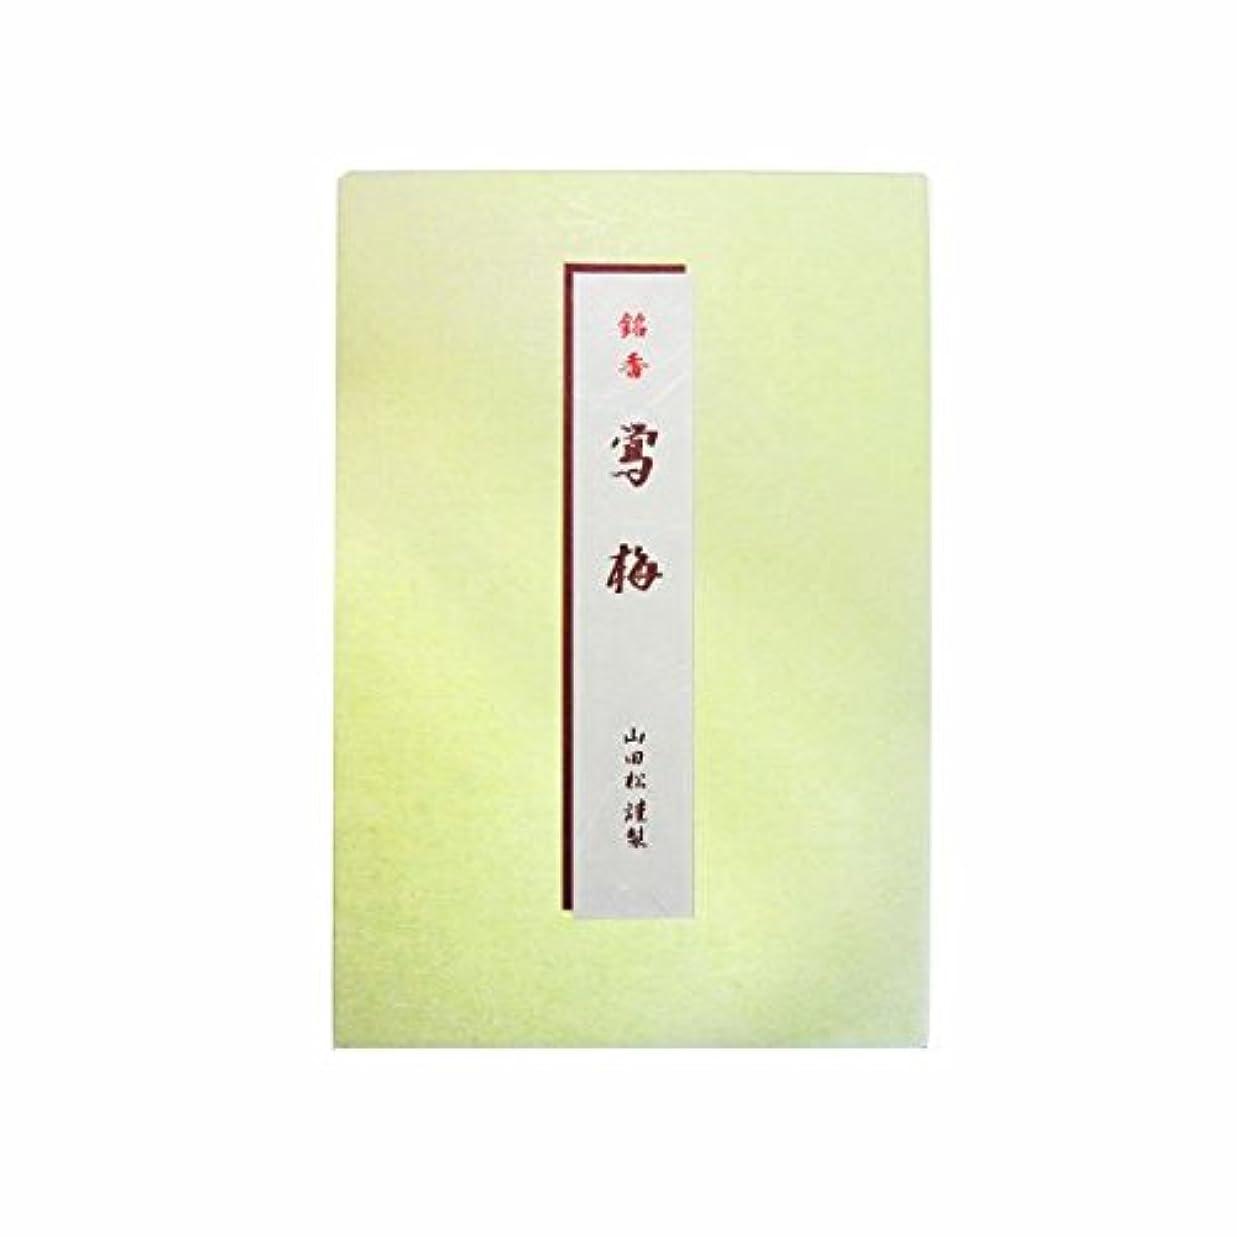 スプーン落花生海外鴬梅 短寸 バラ詰